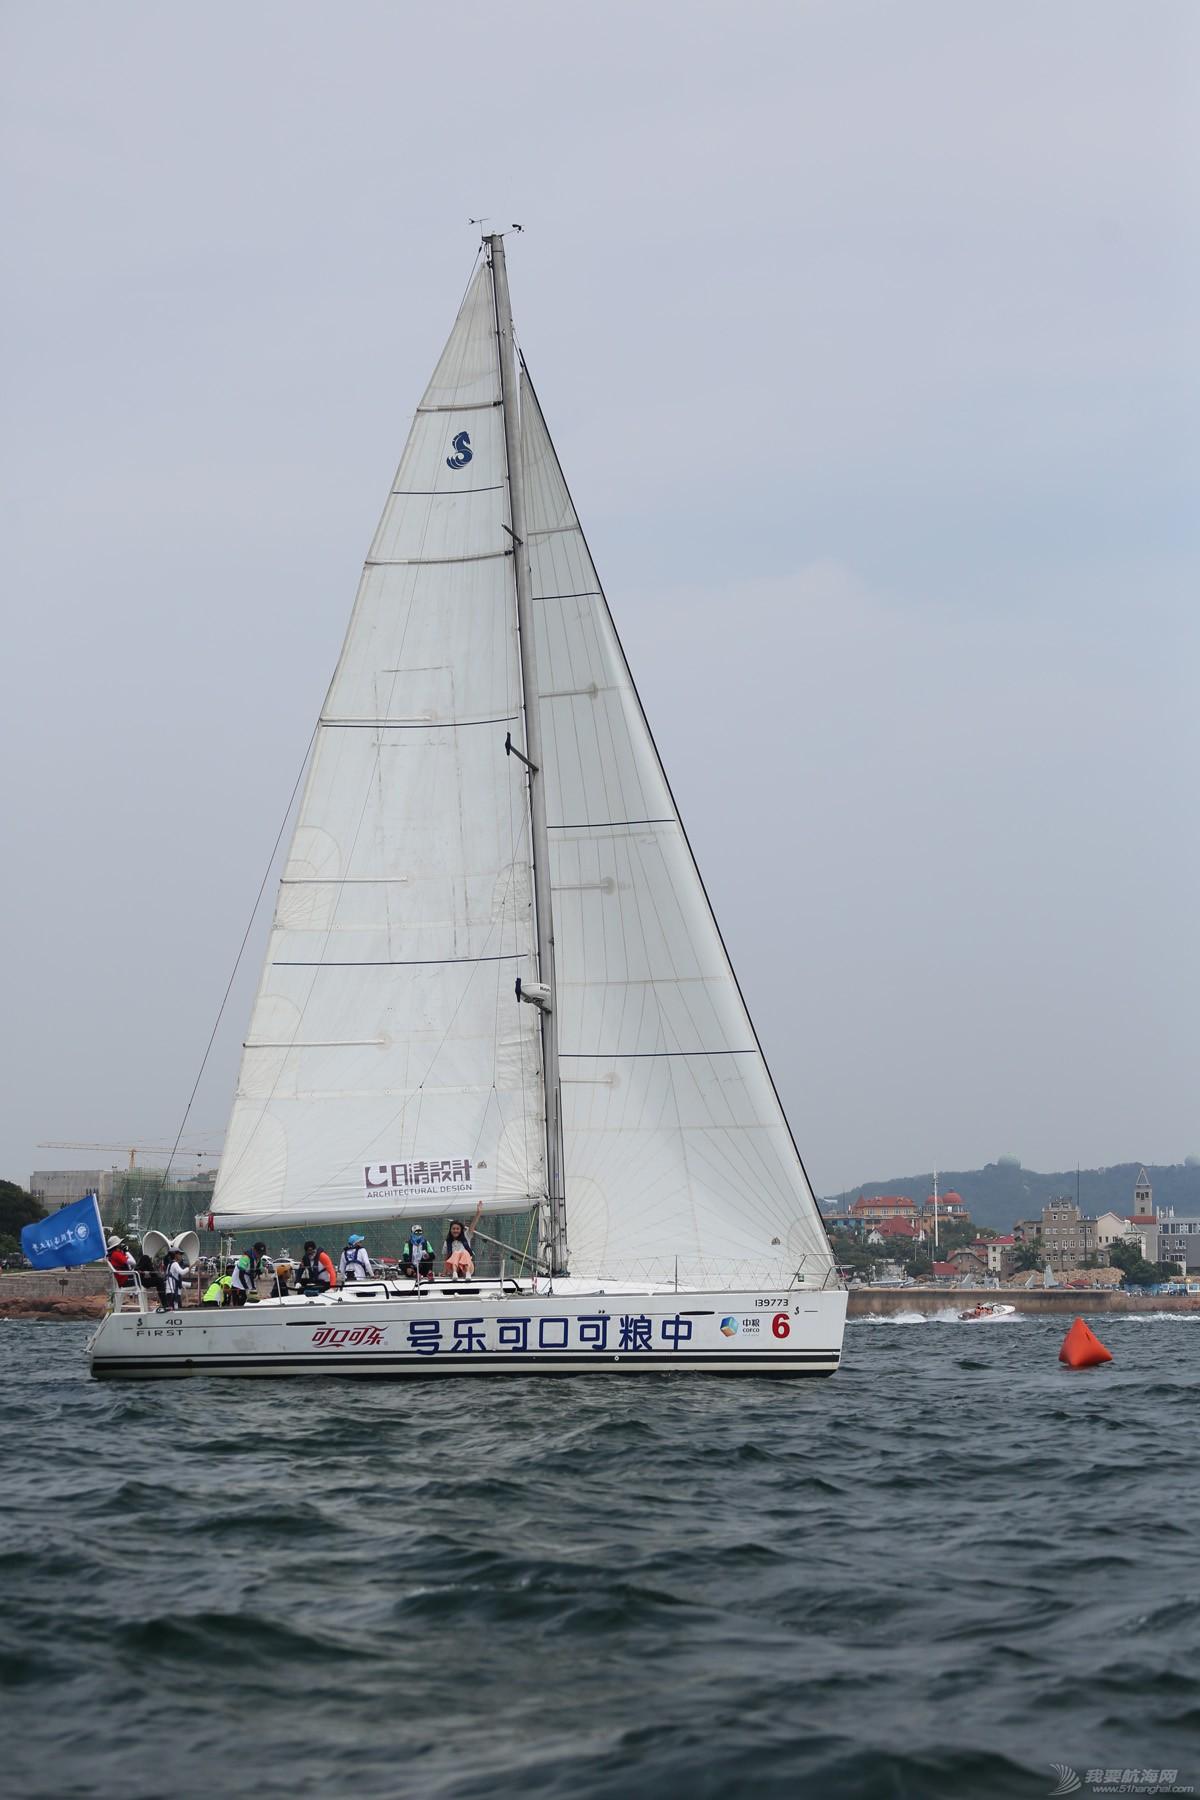 青岛,帆船,国际,大学生,青岛市 2016年第八届青岛国际大学生帆船训练营各大学比赛精彩回顾上篇。 青岛国际大学生帆船训练营中国海洋大学